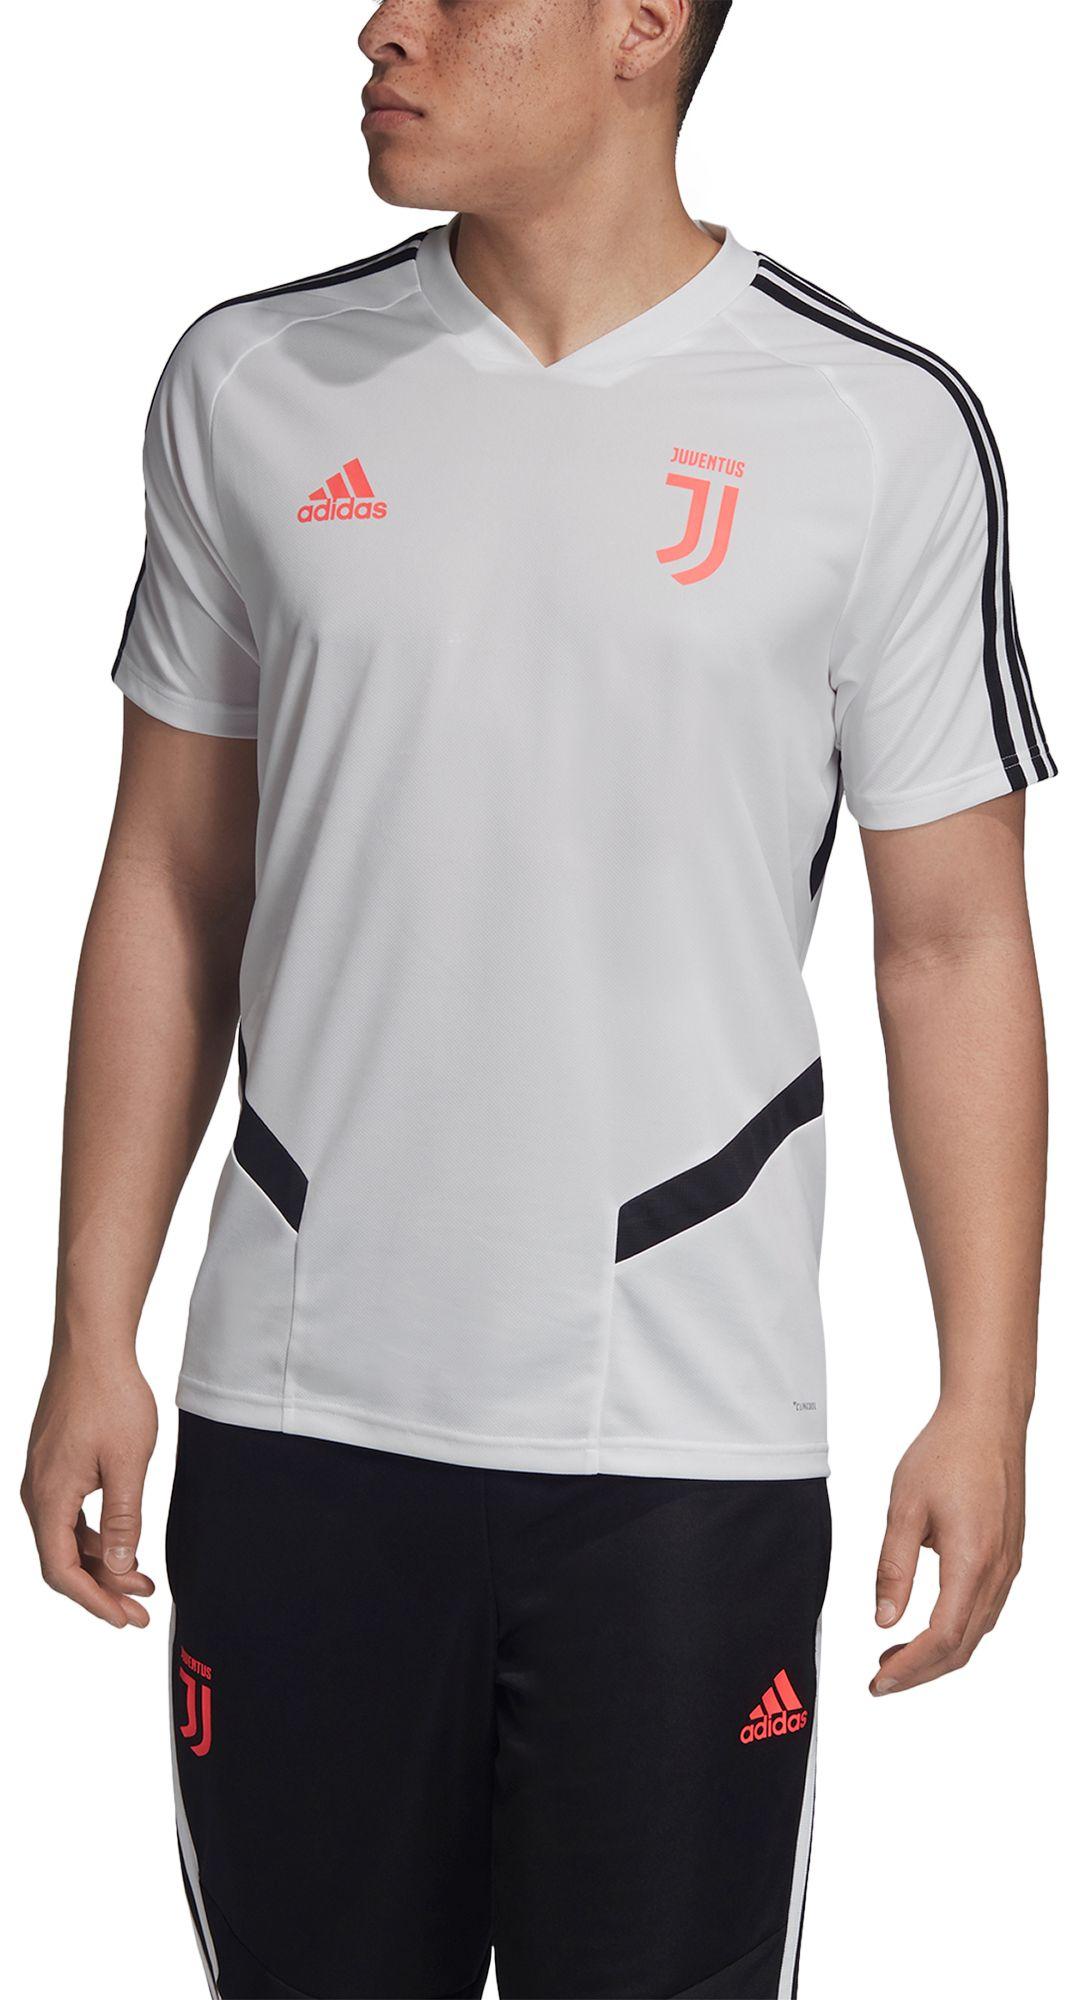 wholesale dealer 54db0 8f7cc adidas Men's Juventus '19 White Training Jersey